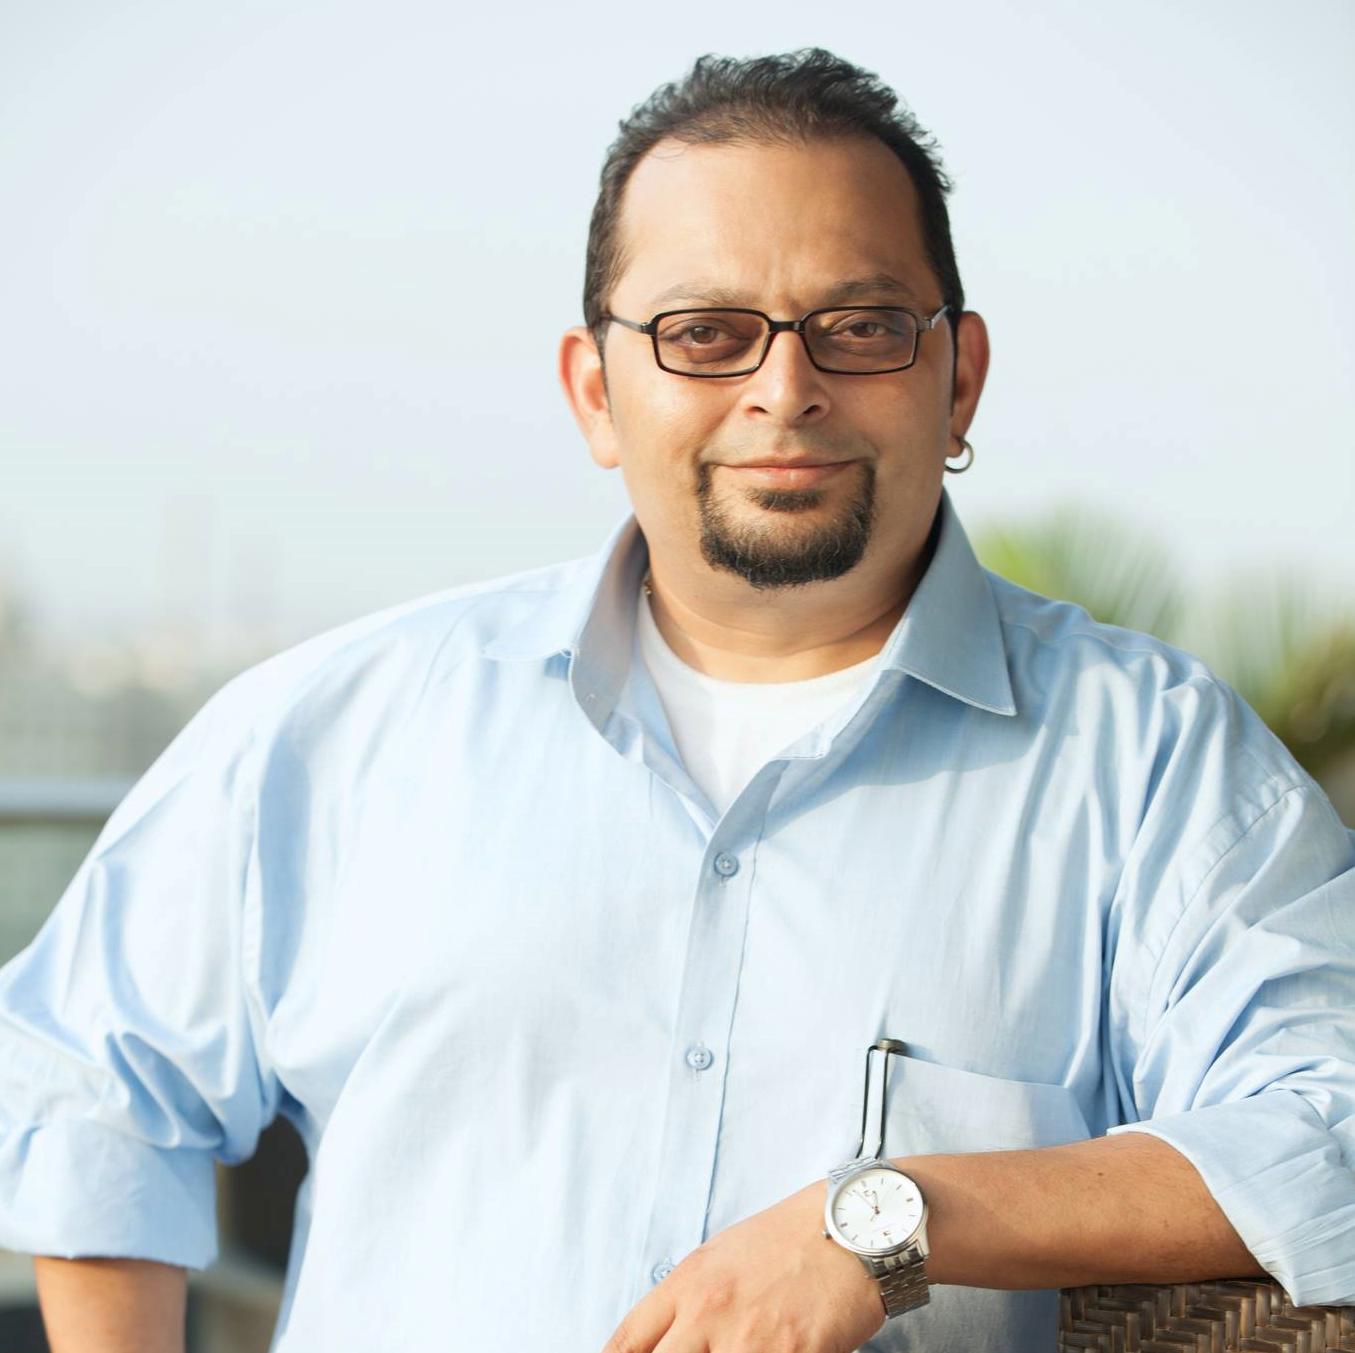 Ameet Gokhale